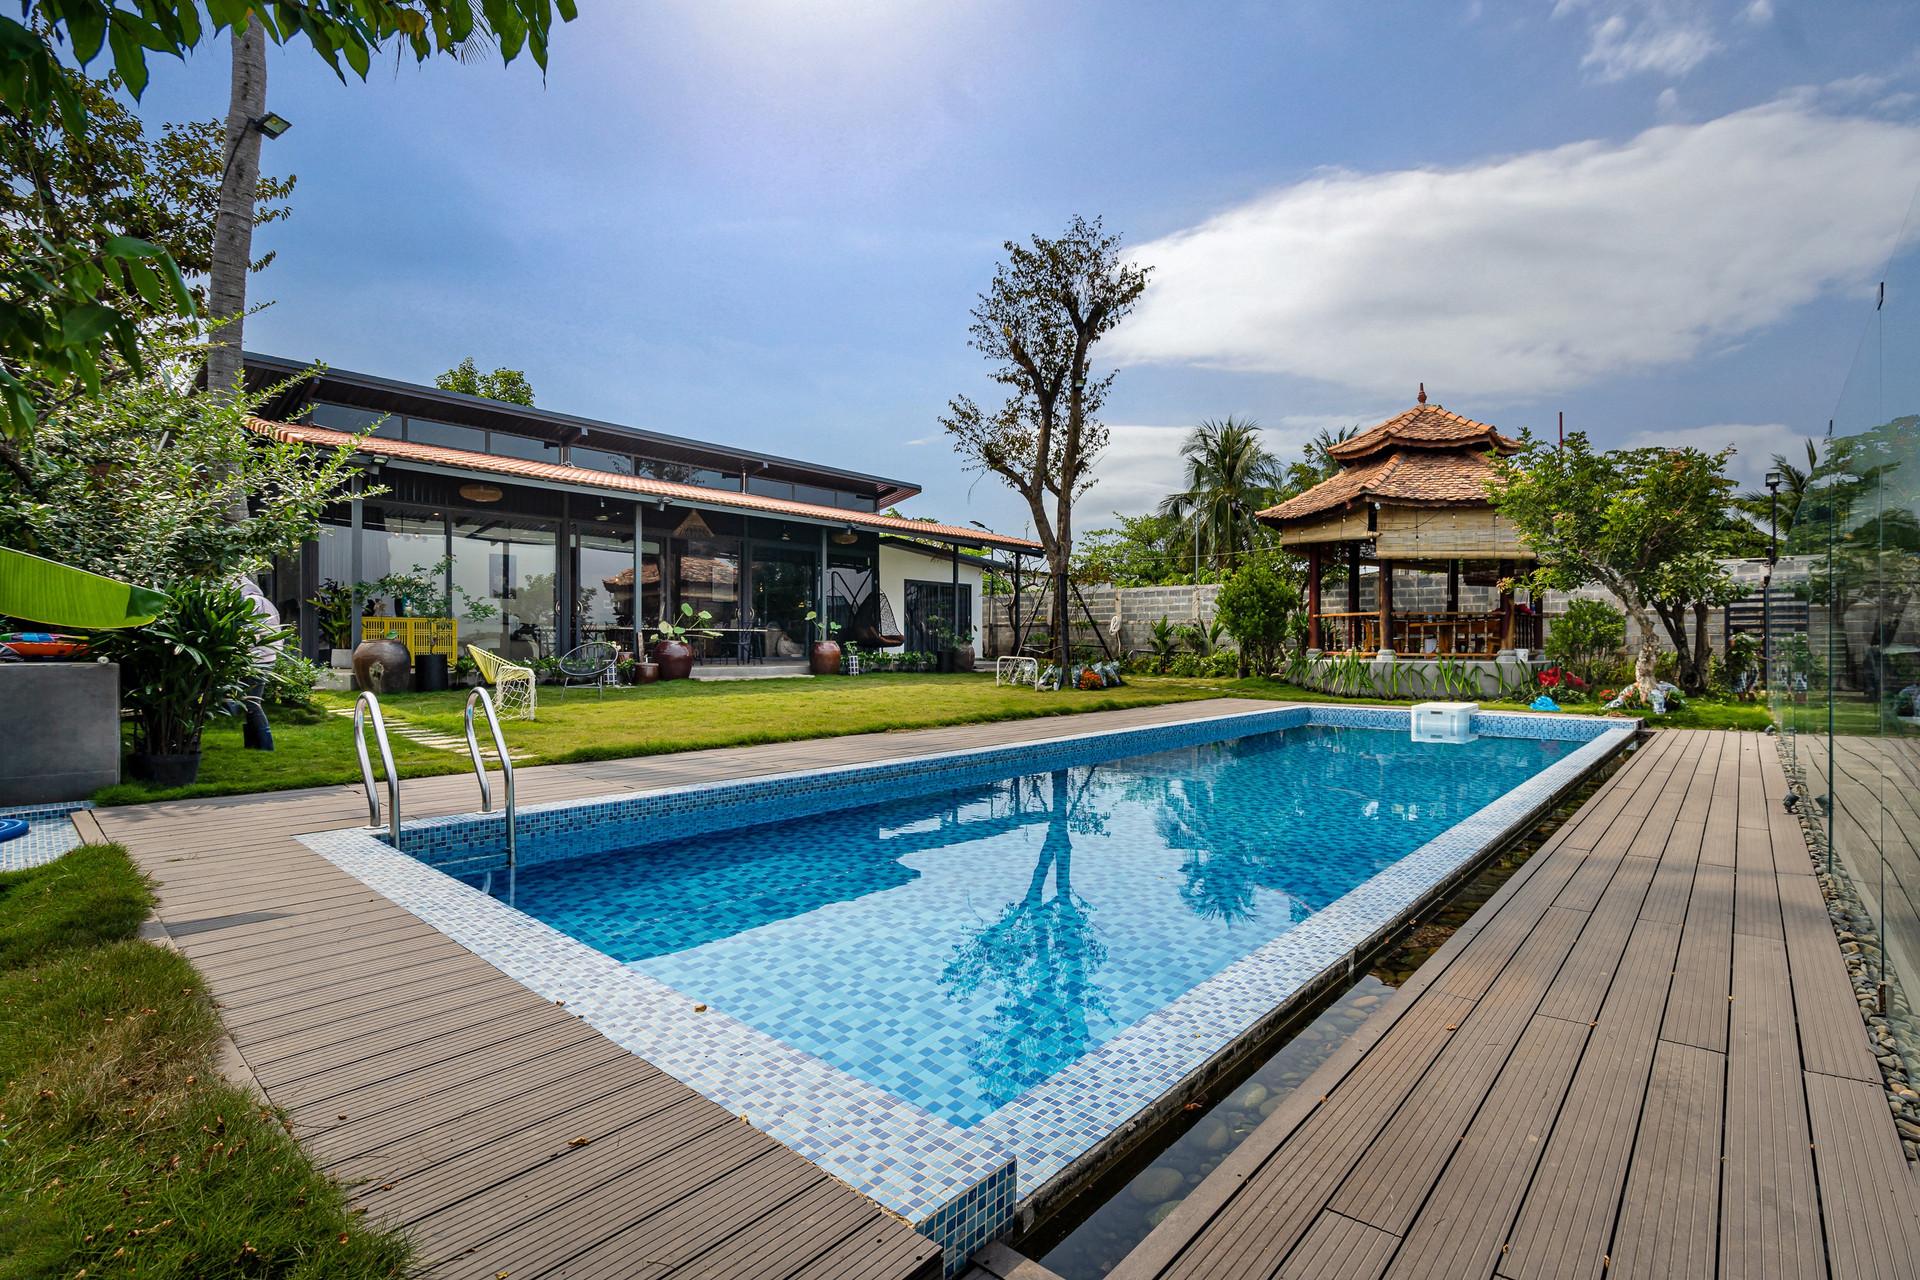 Xây nhà vườn có bể bơi né dịch, chàng trai tự thiết kế rẻ và đẹp lung linh - 1